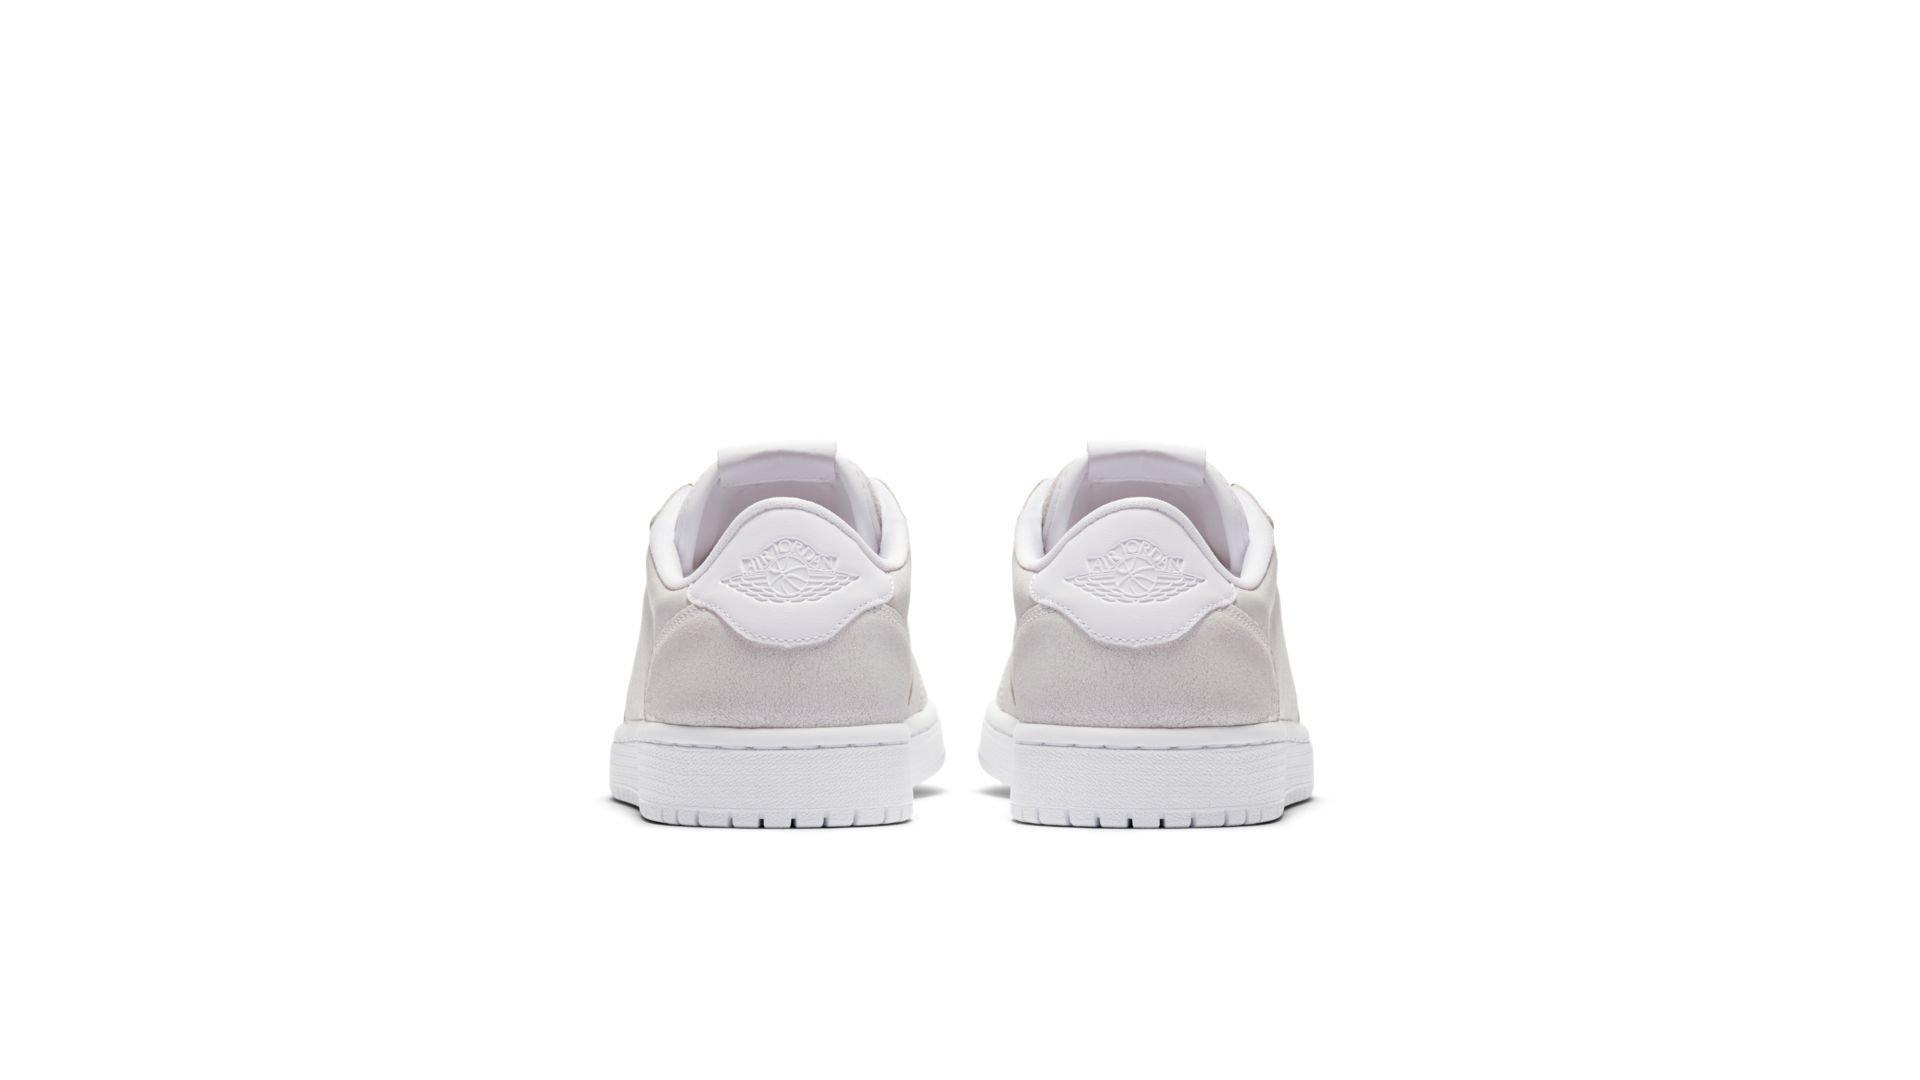 Jordan 1 Retro Low NS White (W) (AH7232-100)